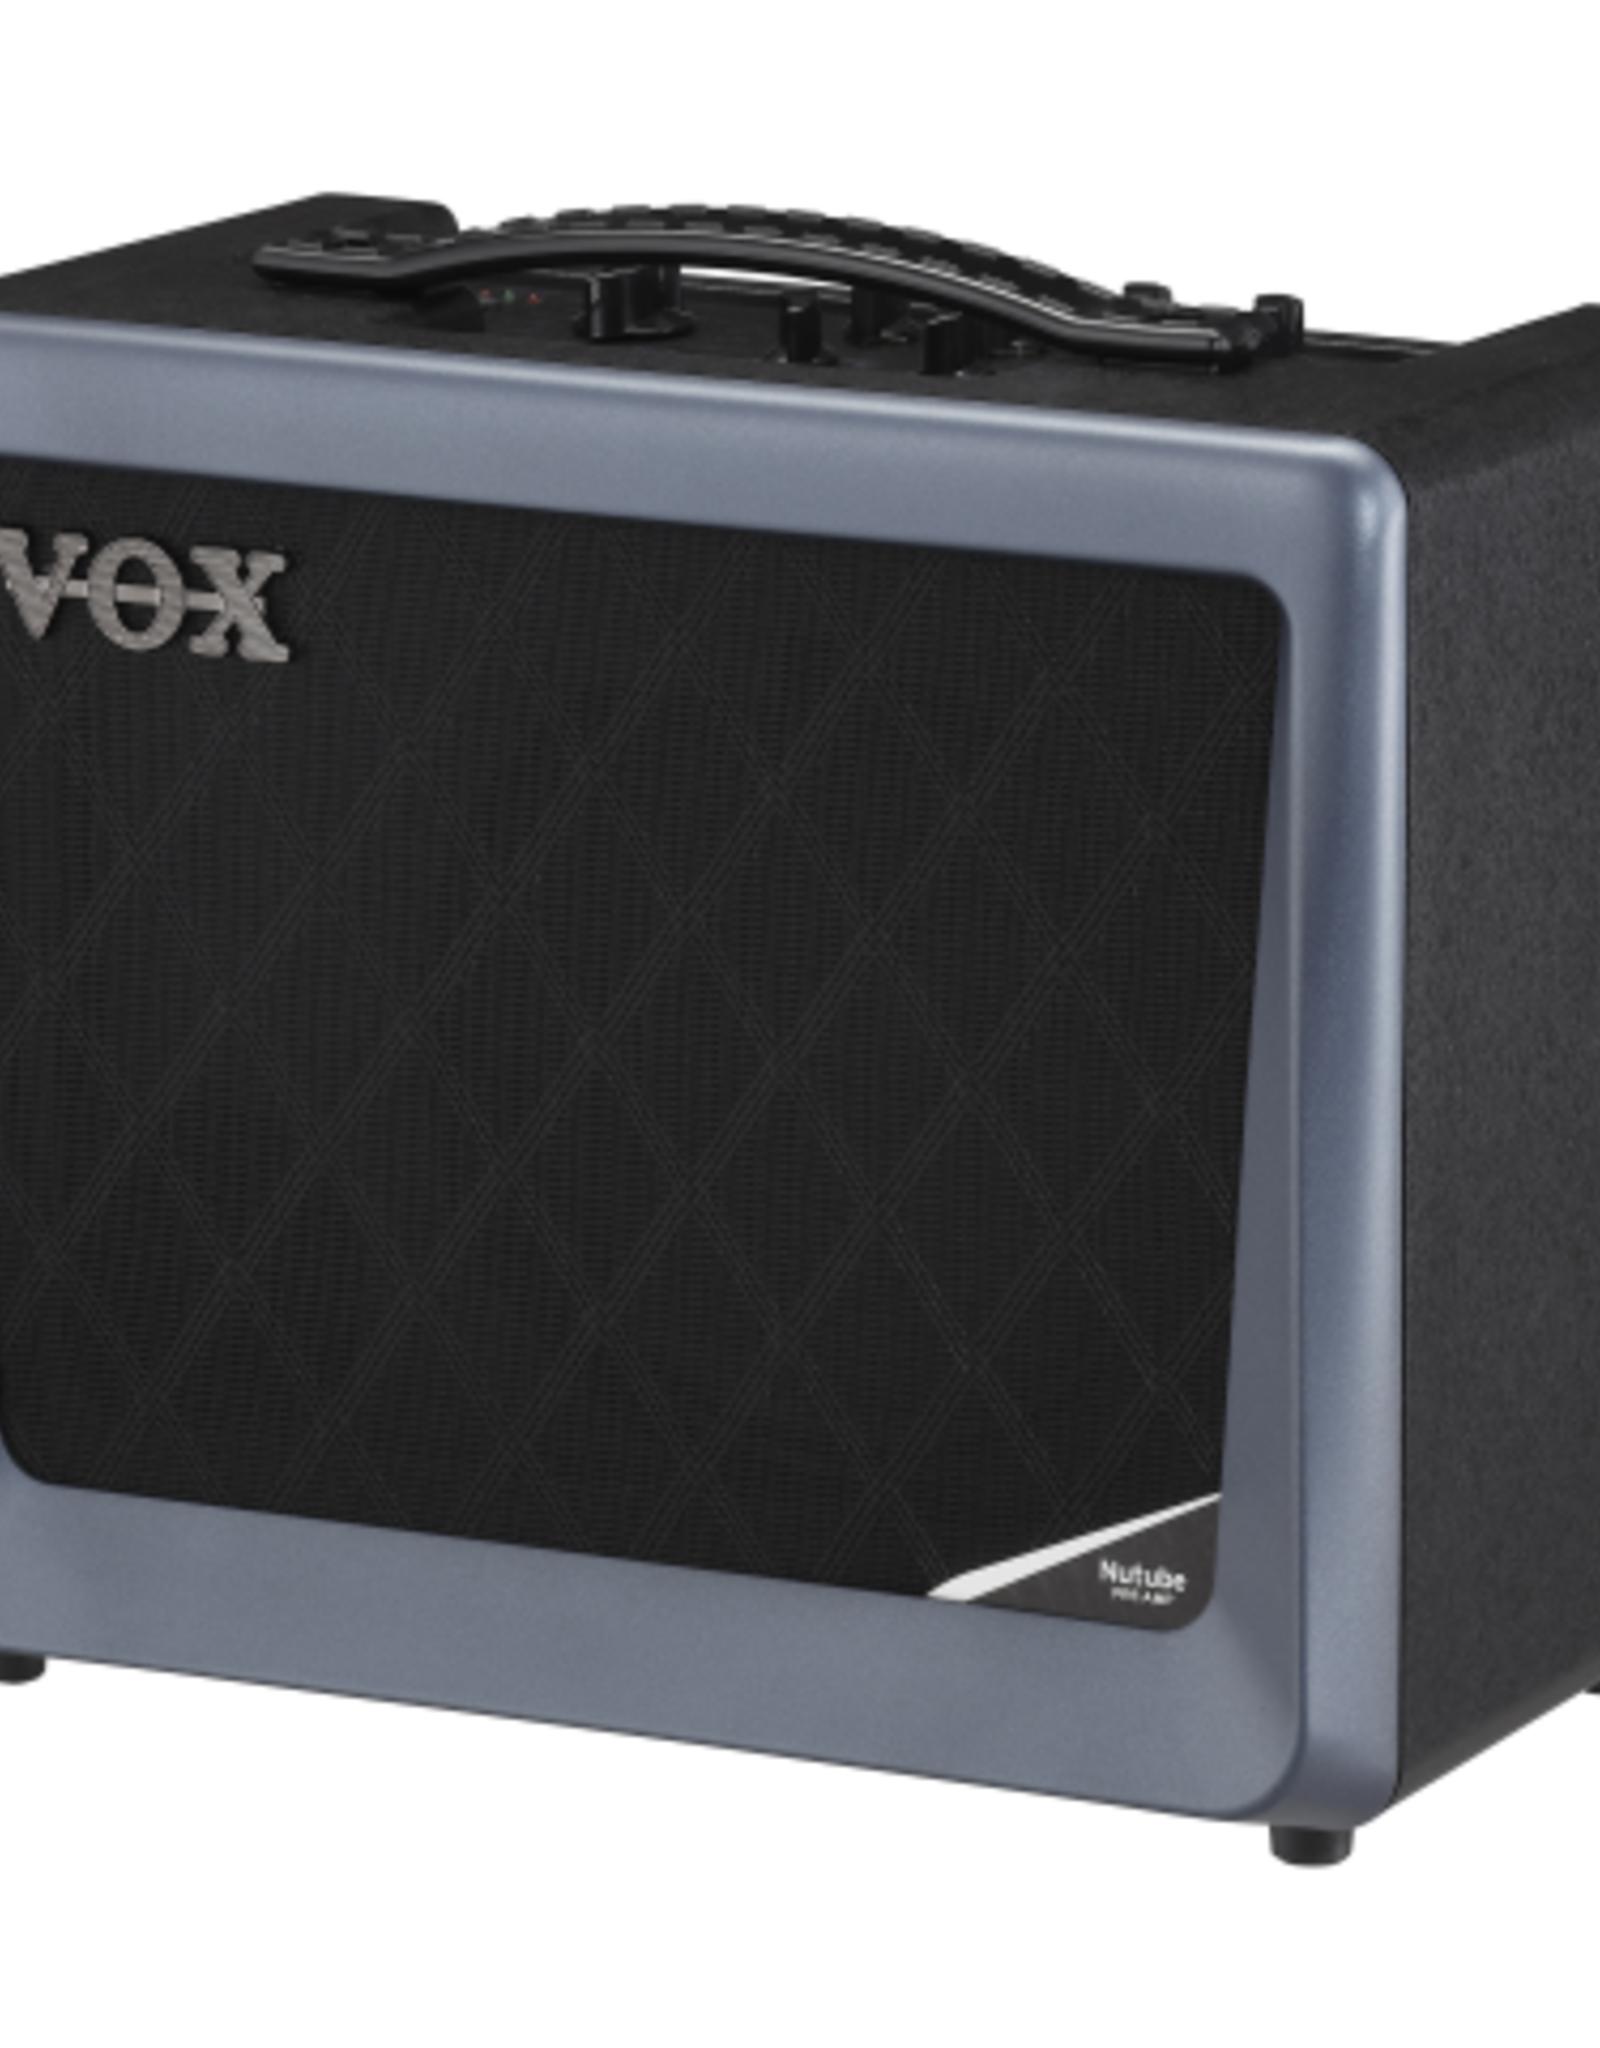 Vox Vox VX50GTV 50W Digital Modeling Amp